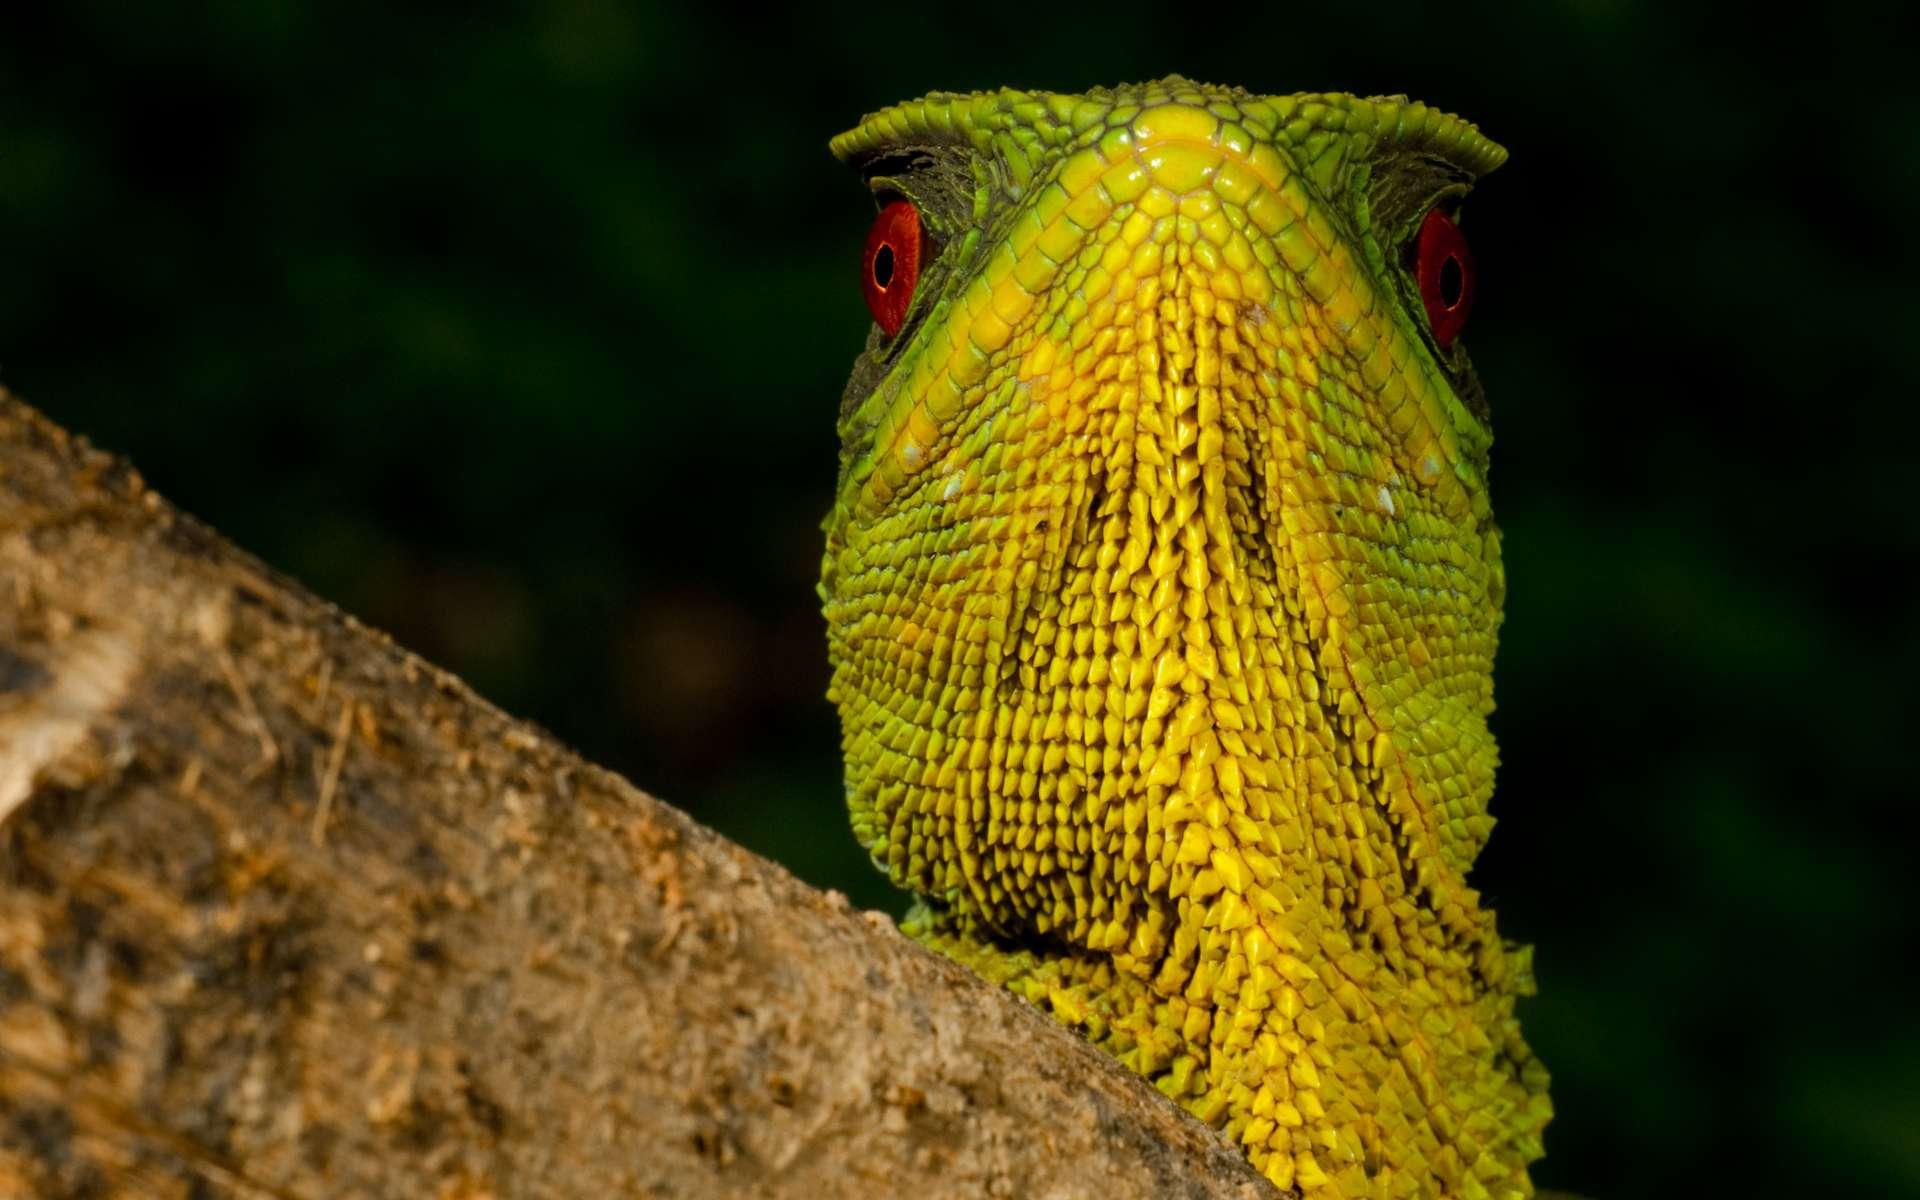 Ce magnifique iguane nain mâle (Enyalioides oshaughnessyi) vit dans une forêt des nuages équatorienne rare et menacée par le changement climatique. © Paul S. Hamilton / RAEI.org